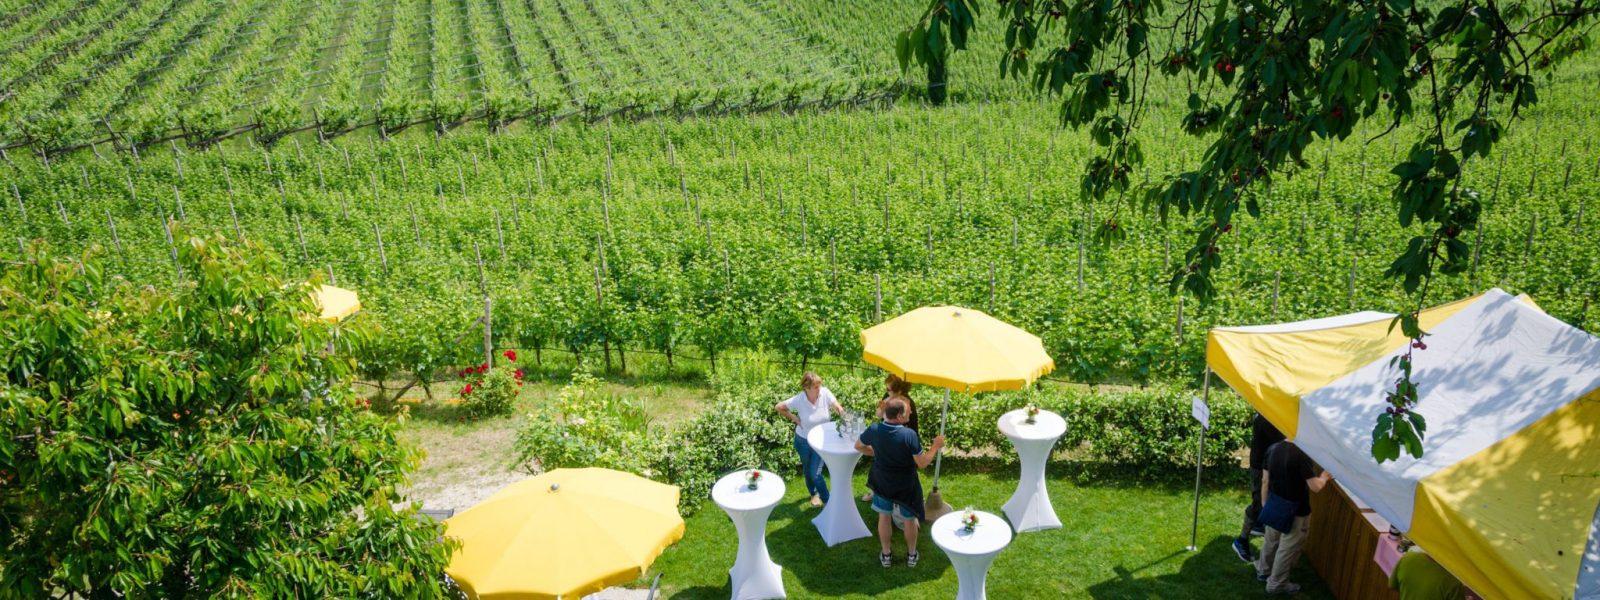 Gewürztraminer Weinwandertag